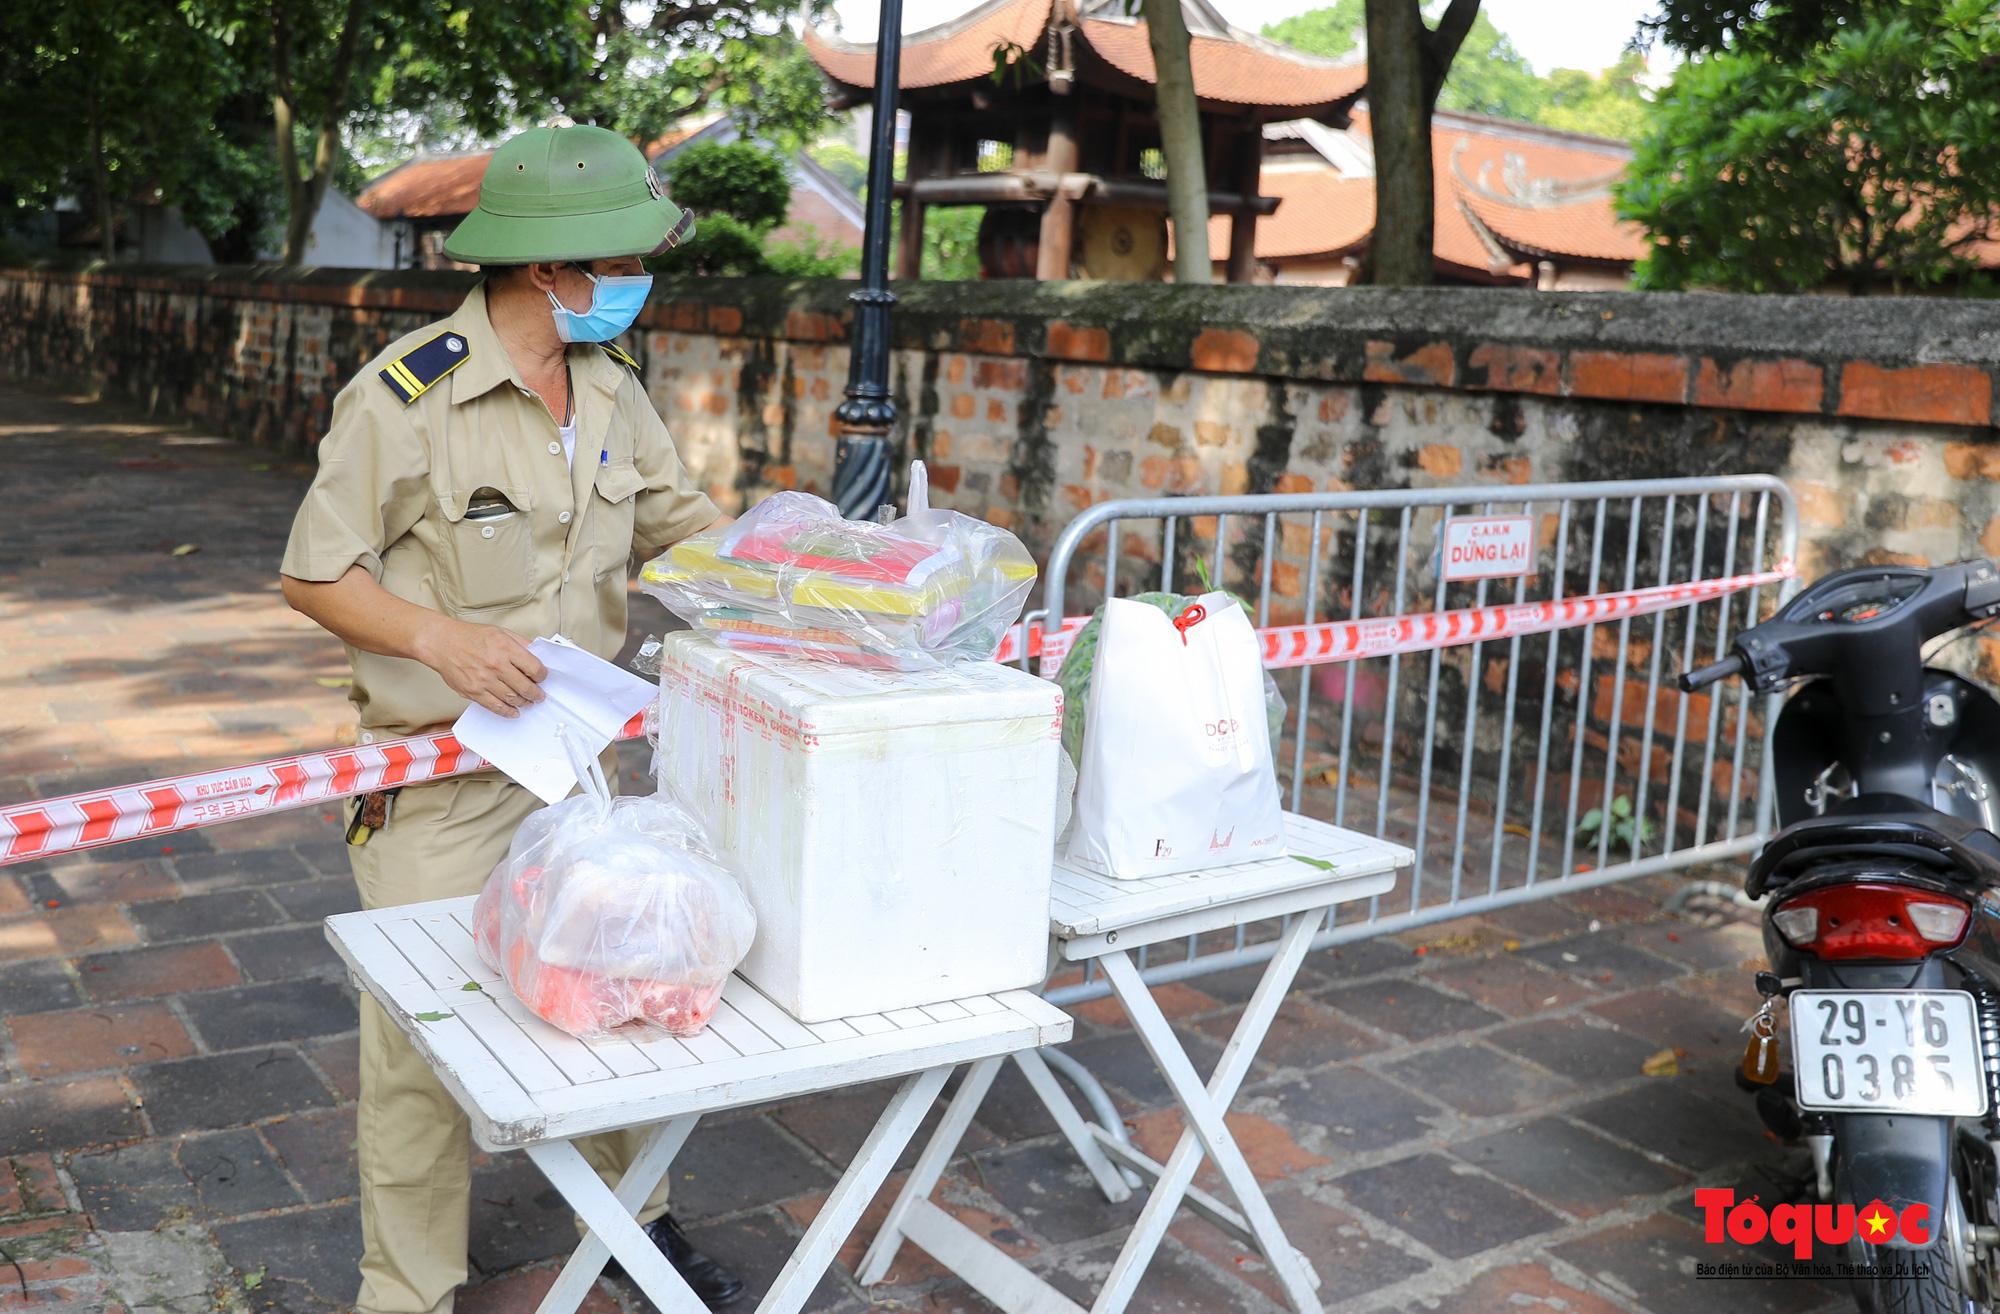 Hà Nội: Phong tỏa 2 phường Văn Miếu, Văn Chương, người dân xếp hàng tiếp tế cho khu cách ly - Ảnh 6.